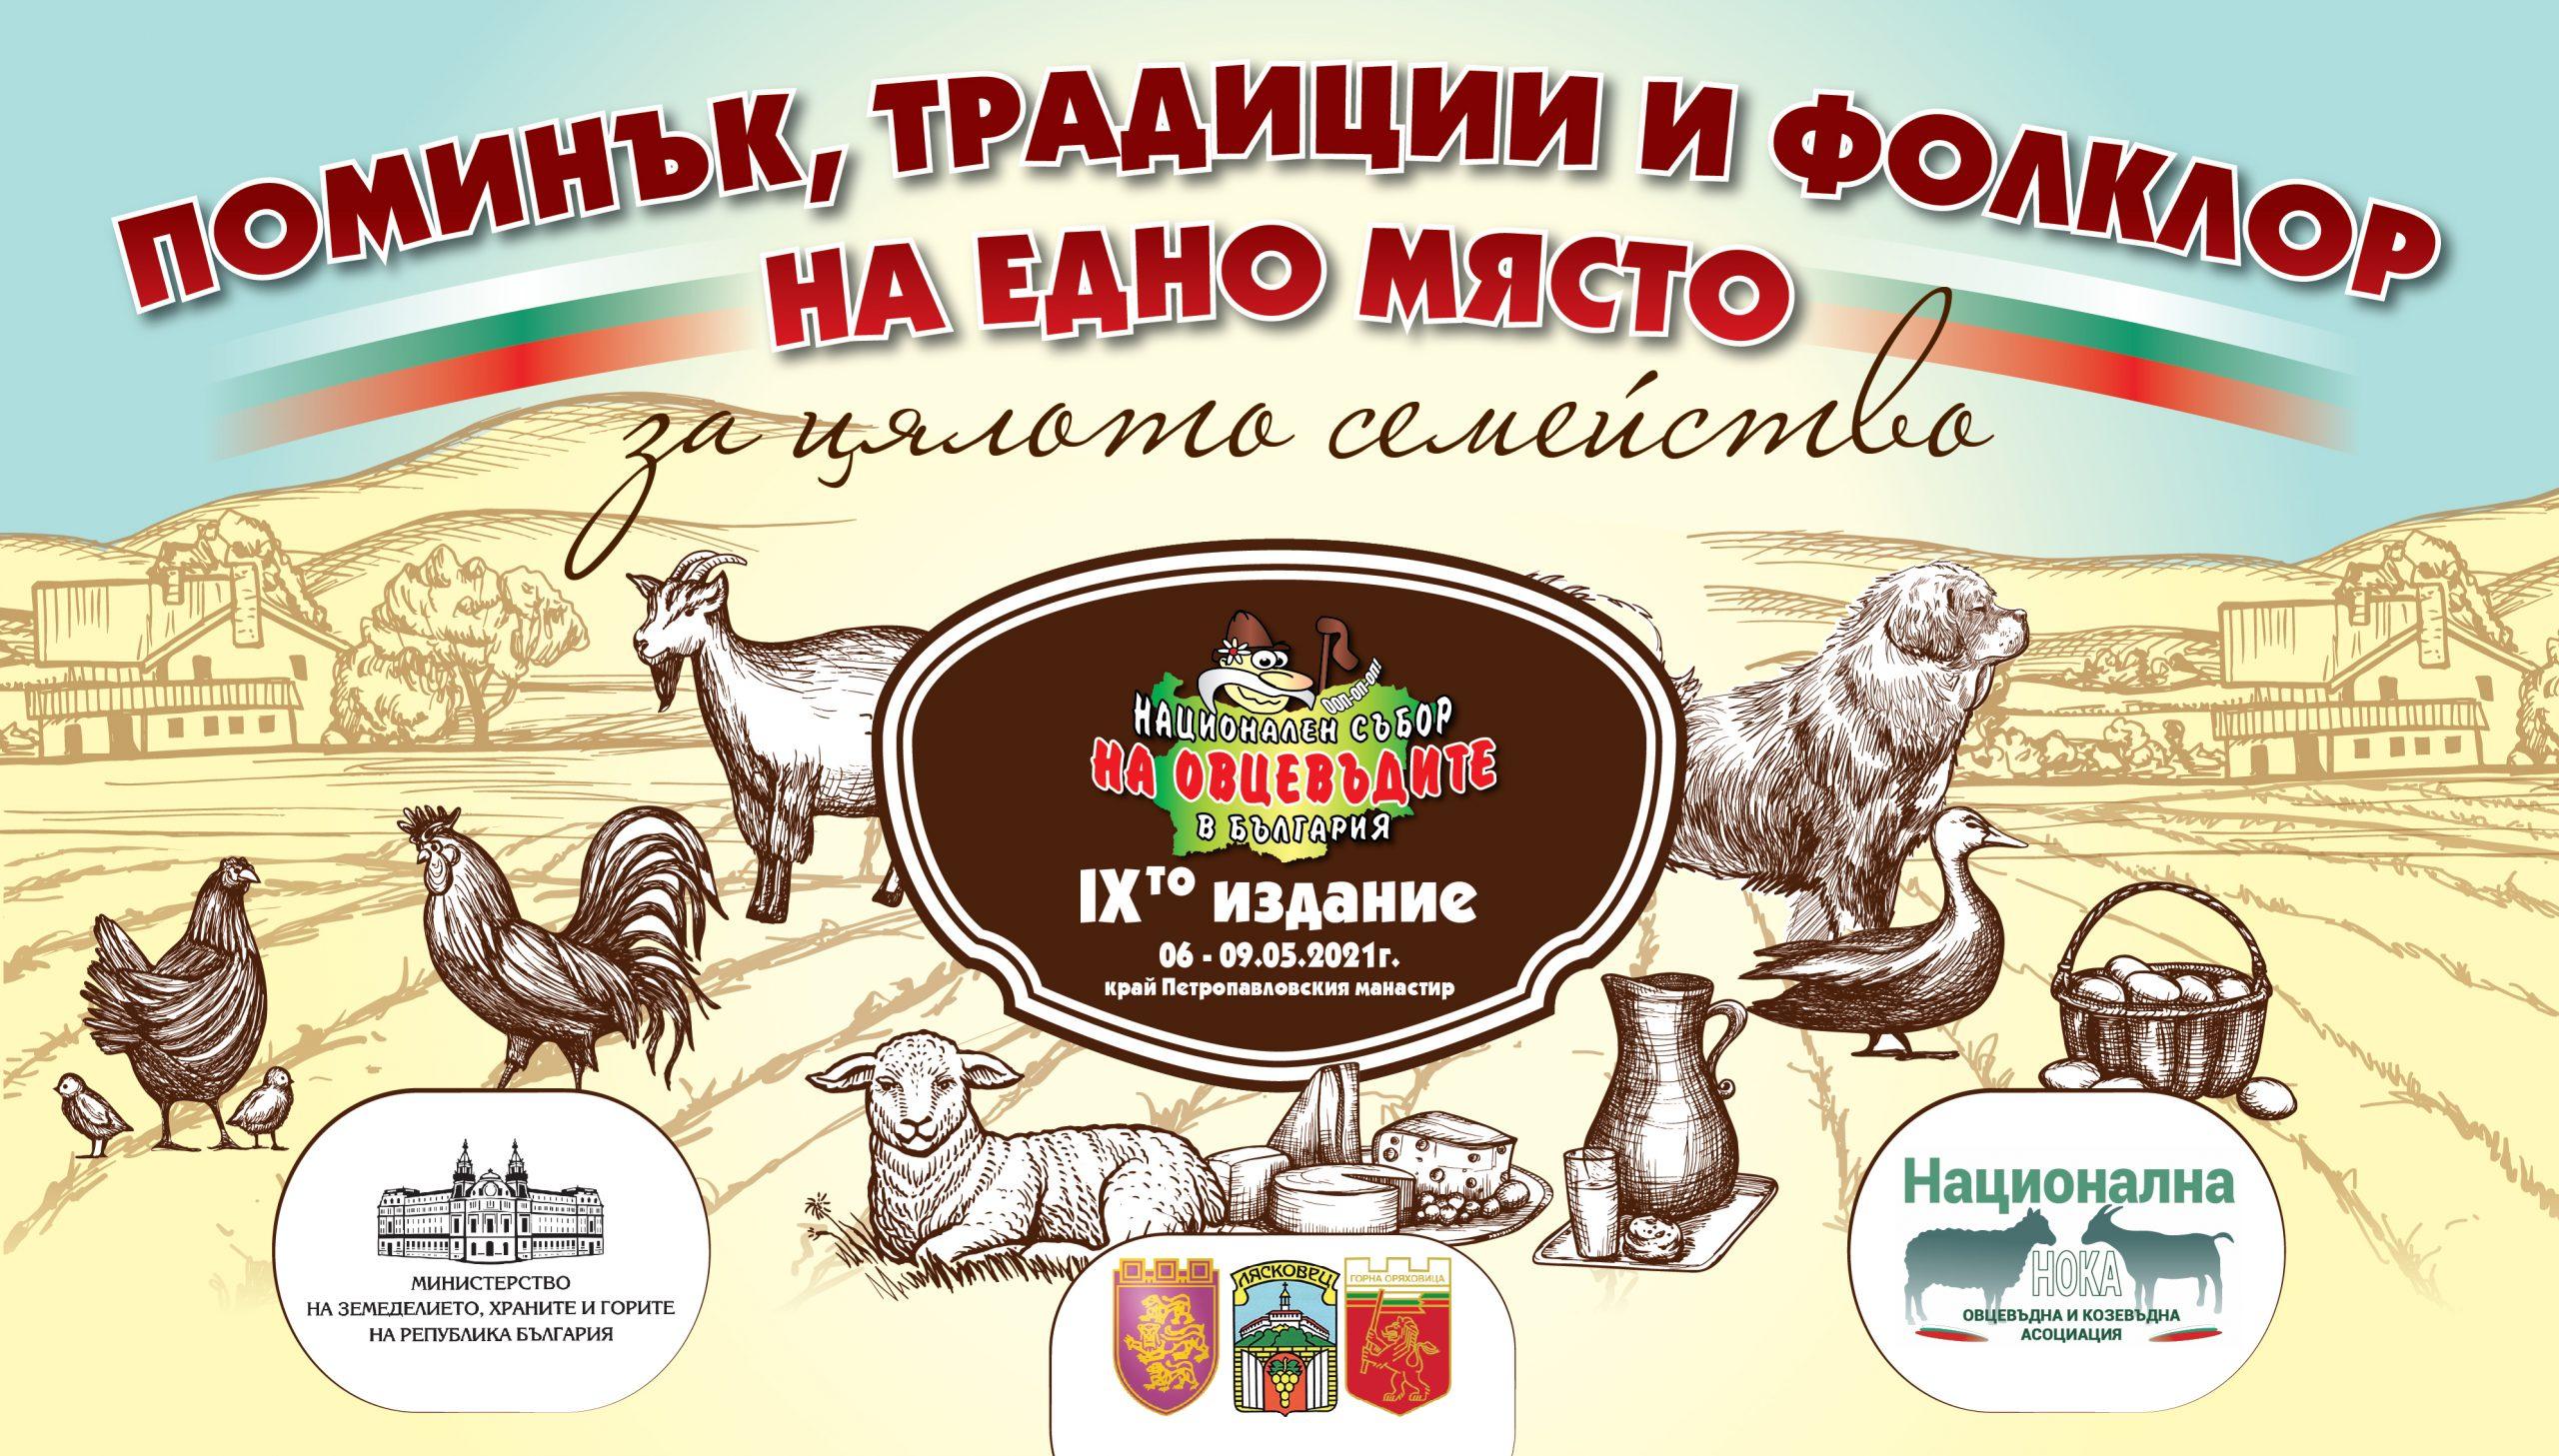 Четири дни поминък, традиции и фолклор на Националния събор на овцевъдите в България